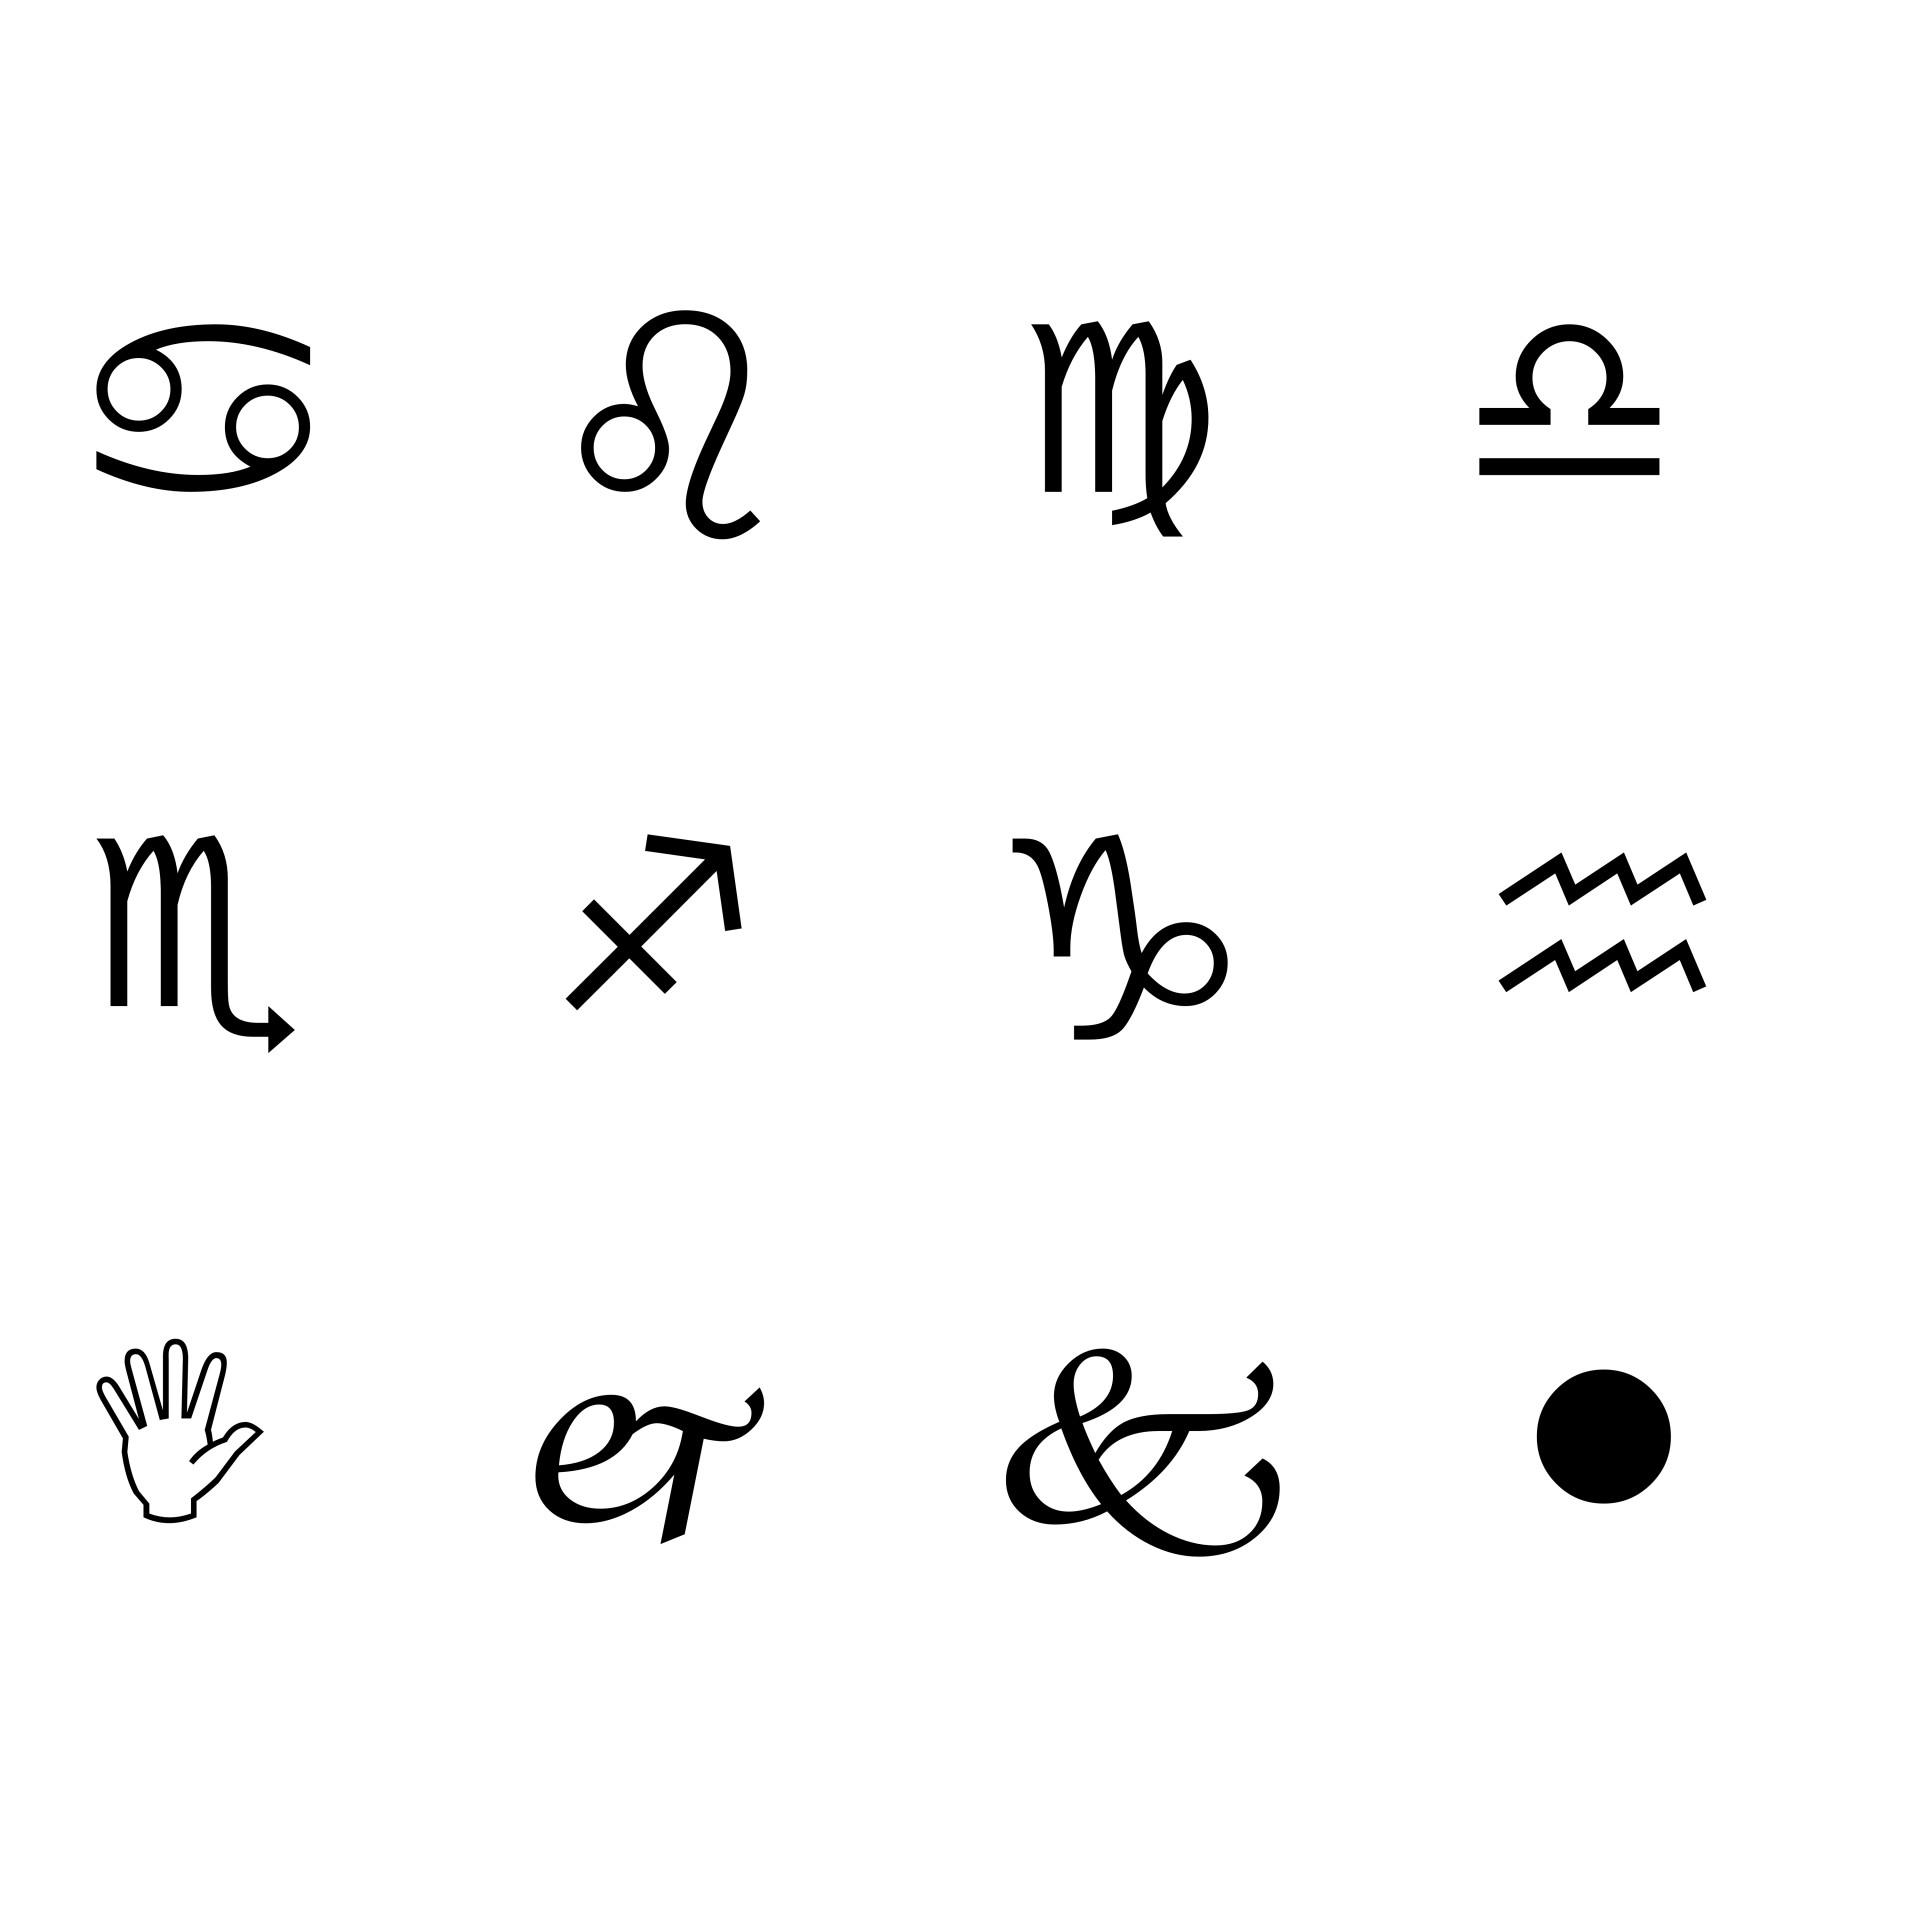 Abstract Symbols Free Stock Photo